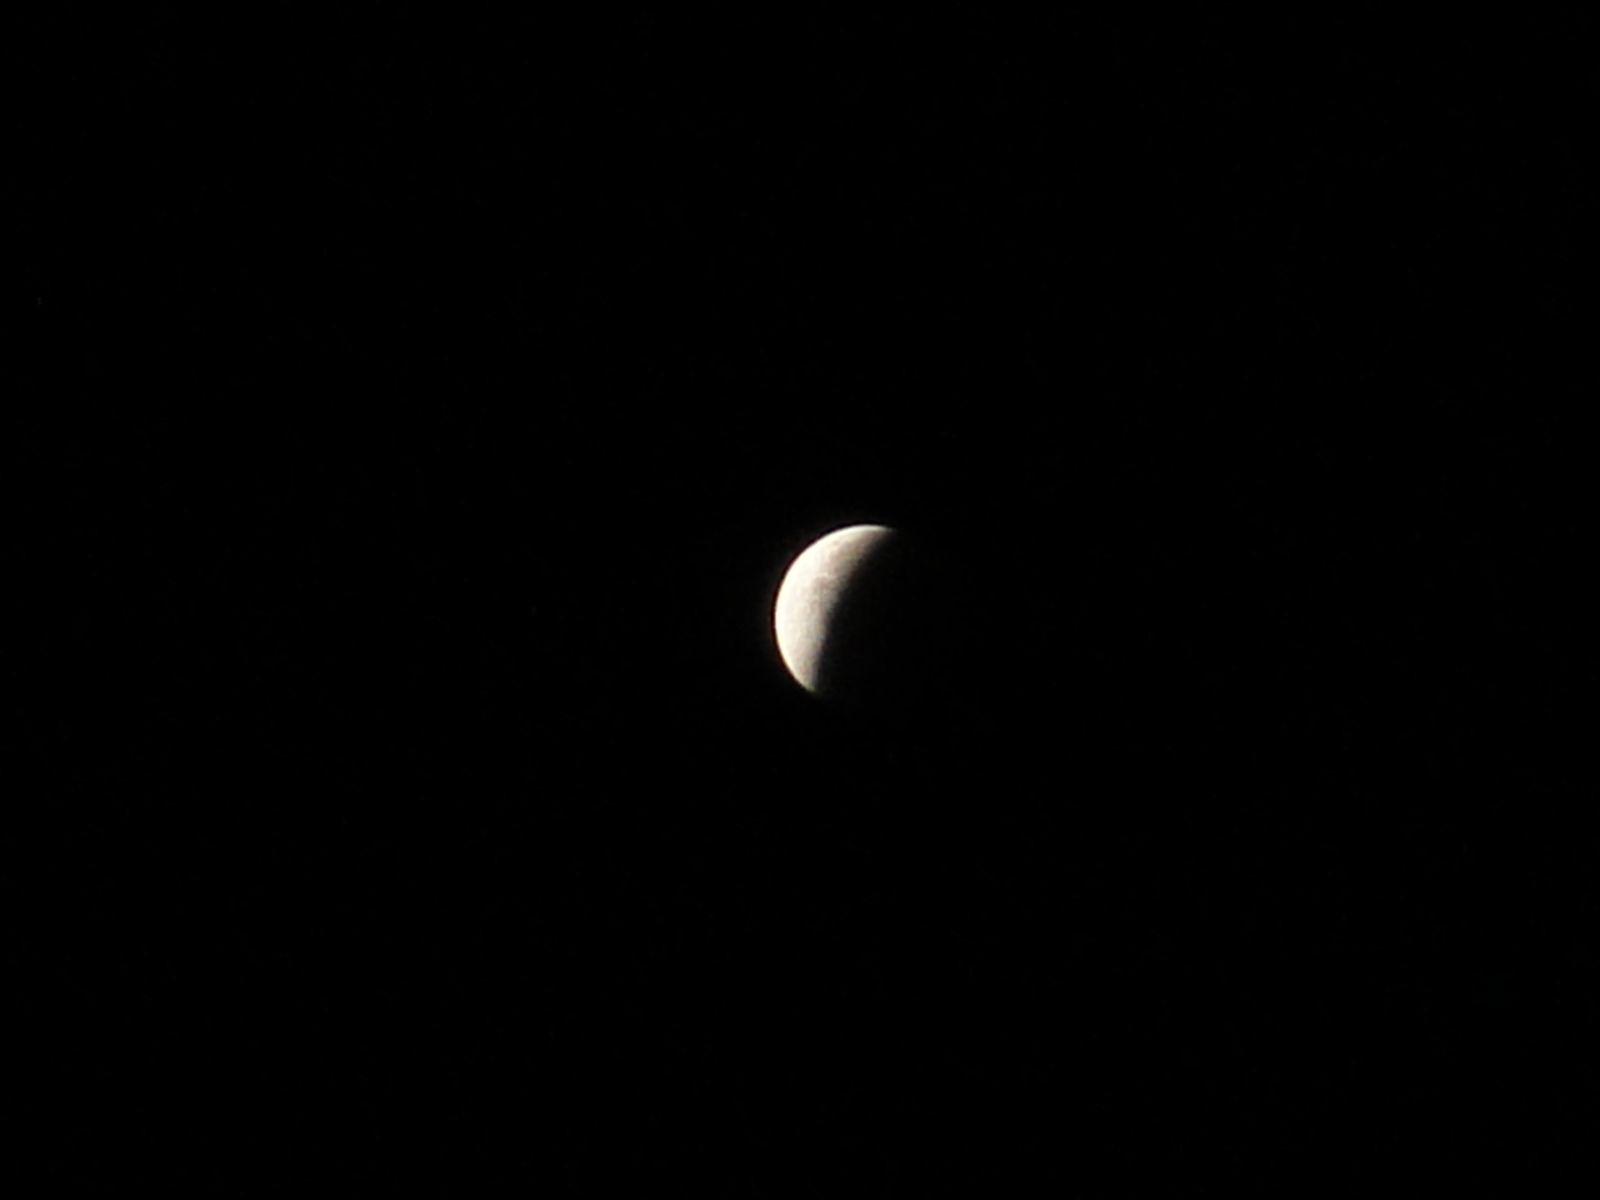 lunar_eclipse_170.jpg